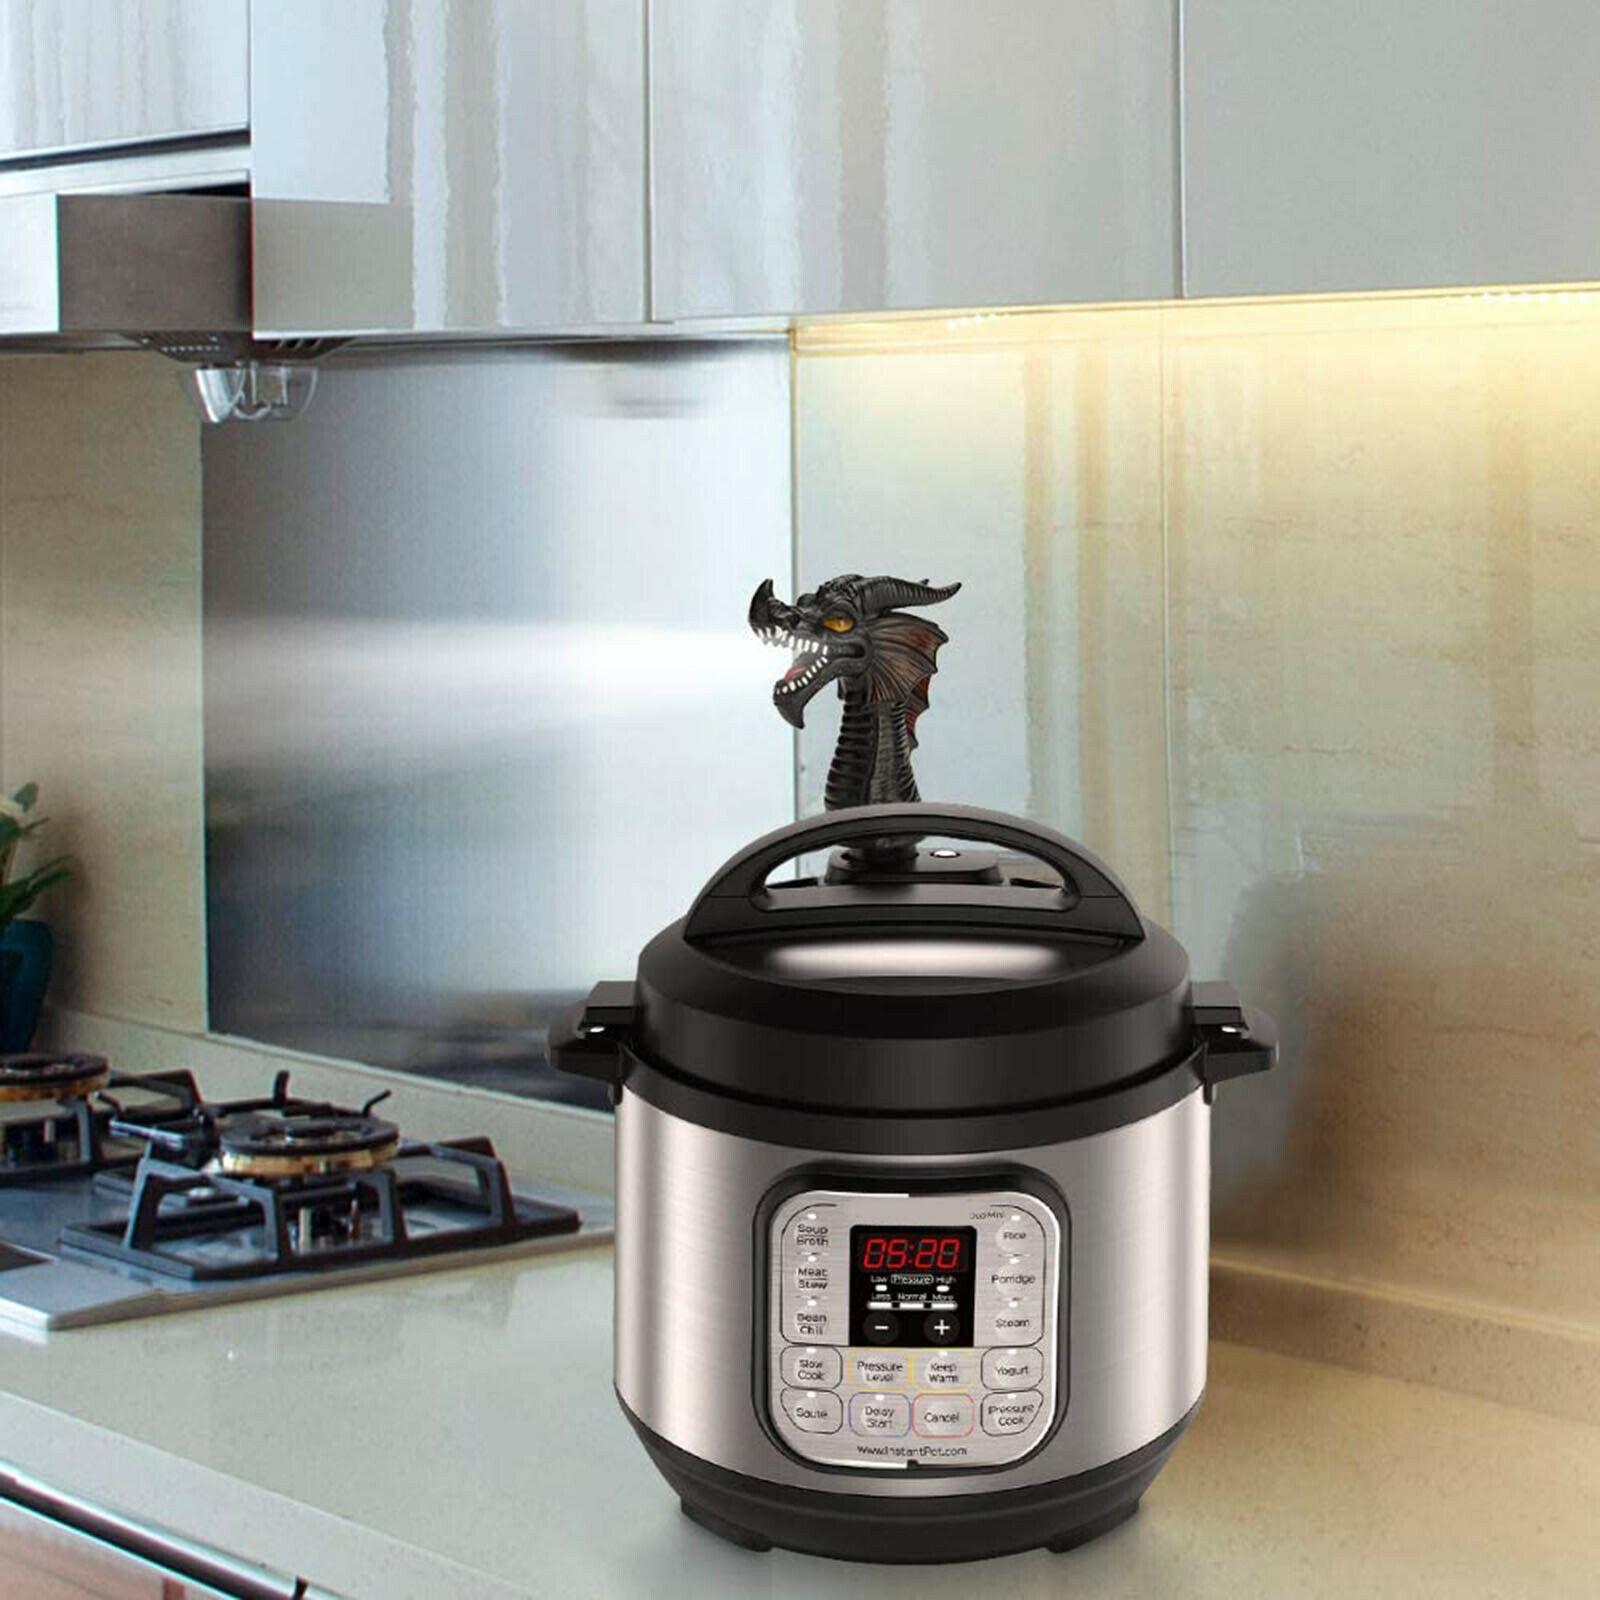 Pressure Cooker Jet Dragon Steam Diverter Steam Release Accessory Kitchen Gadget